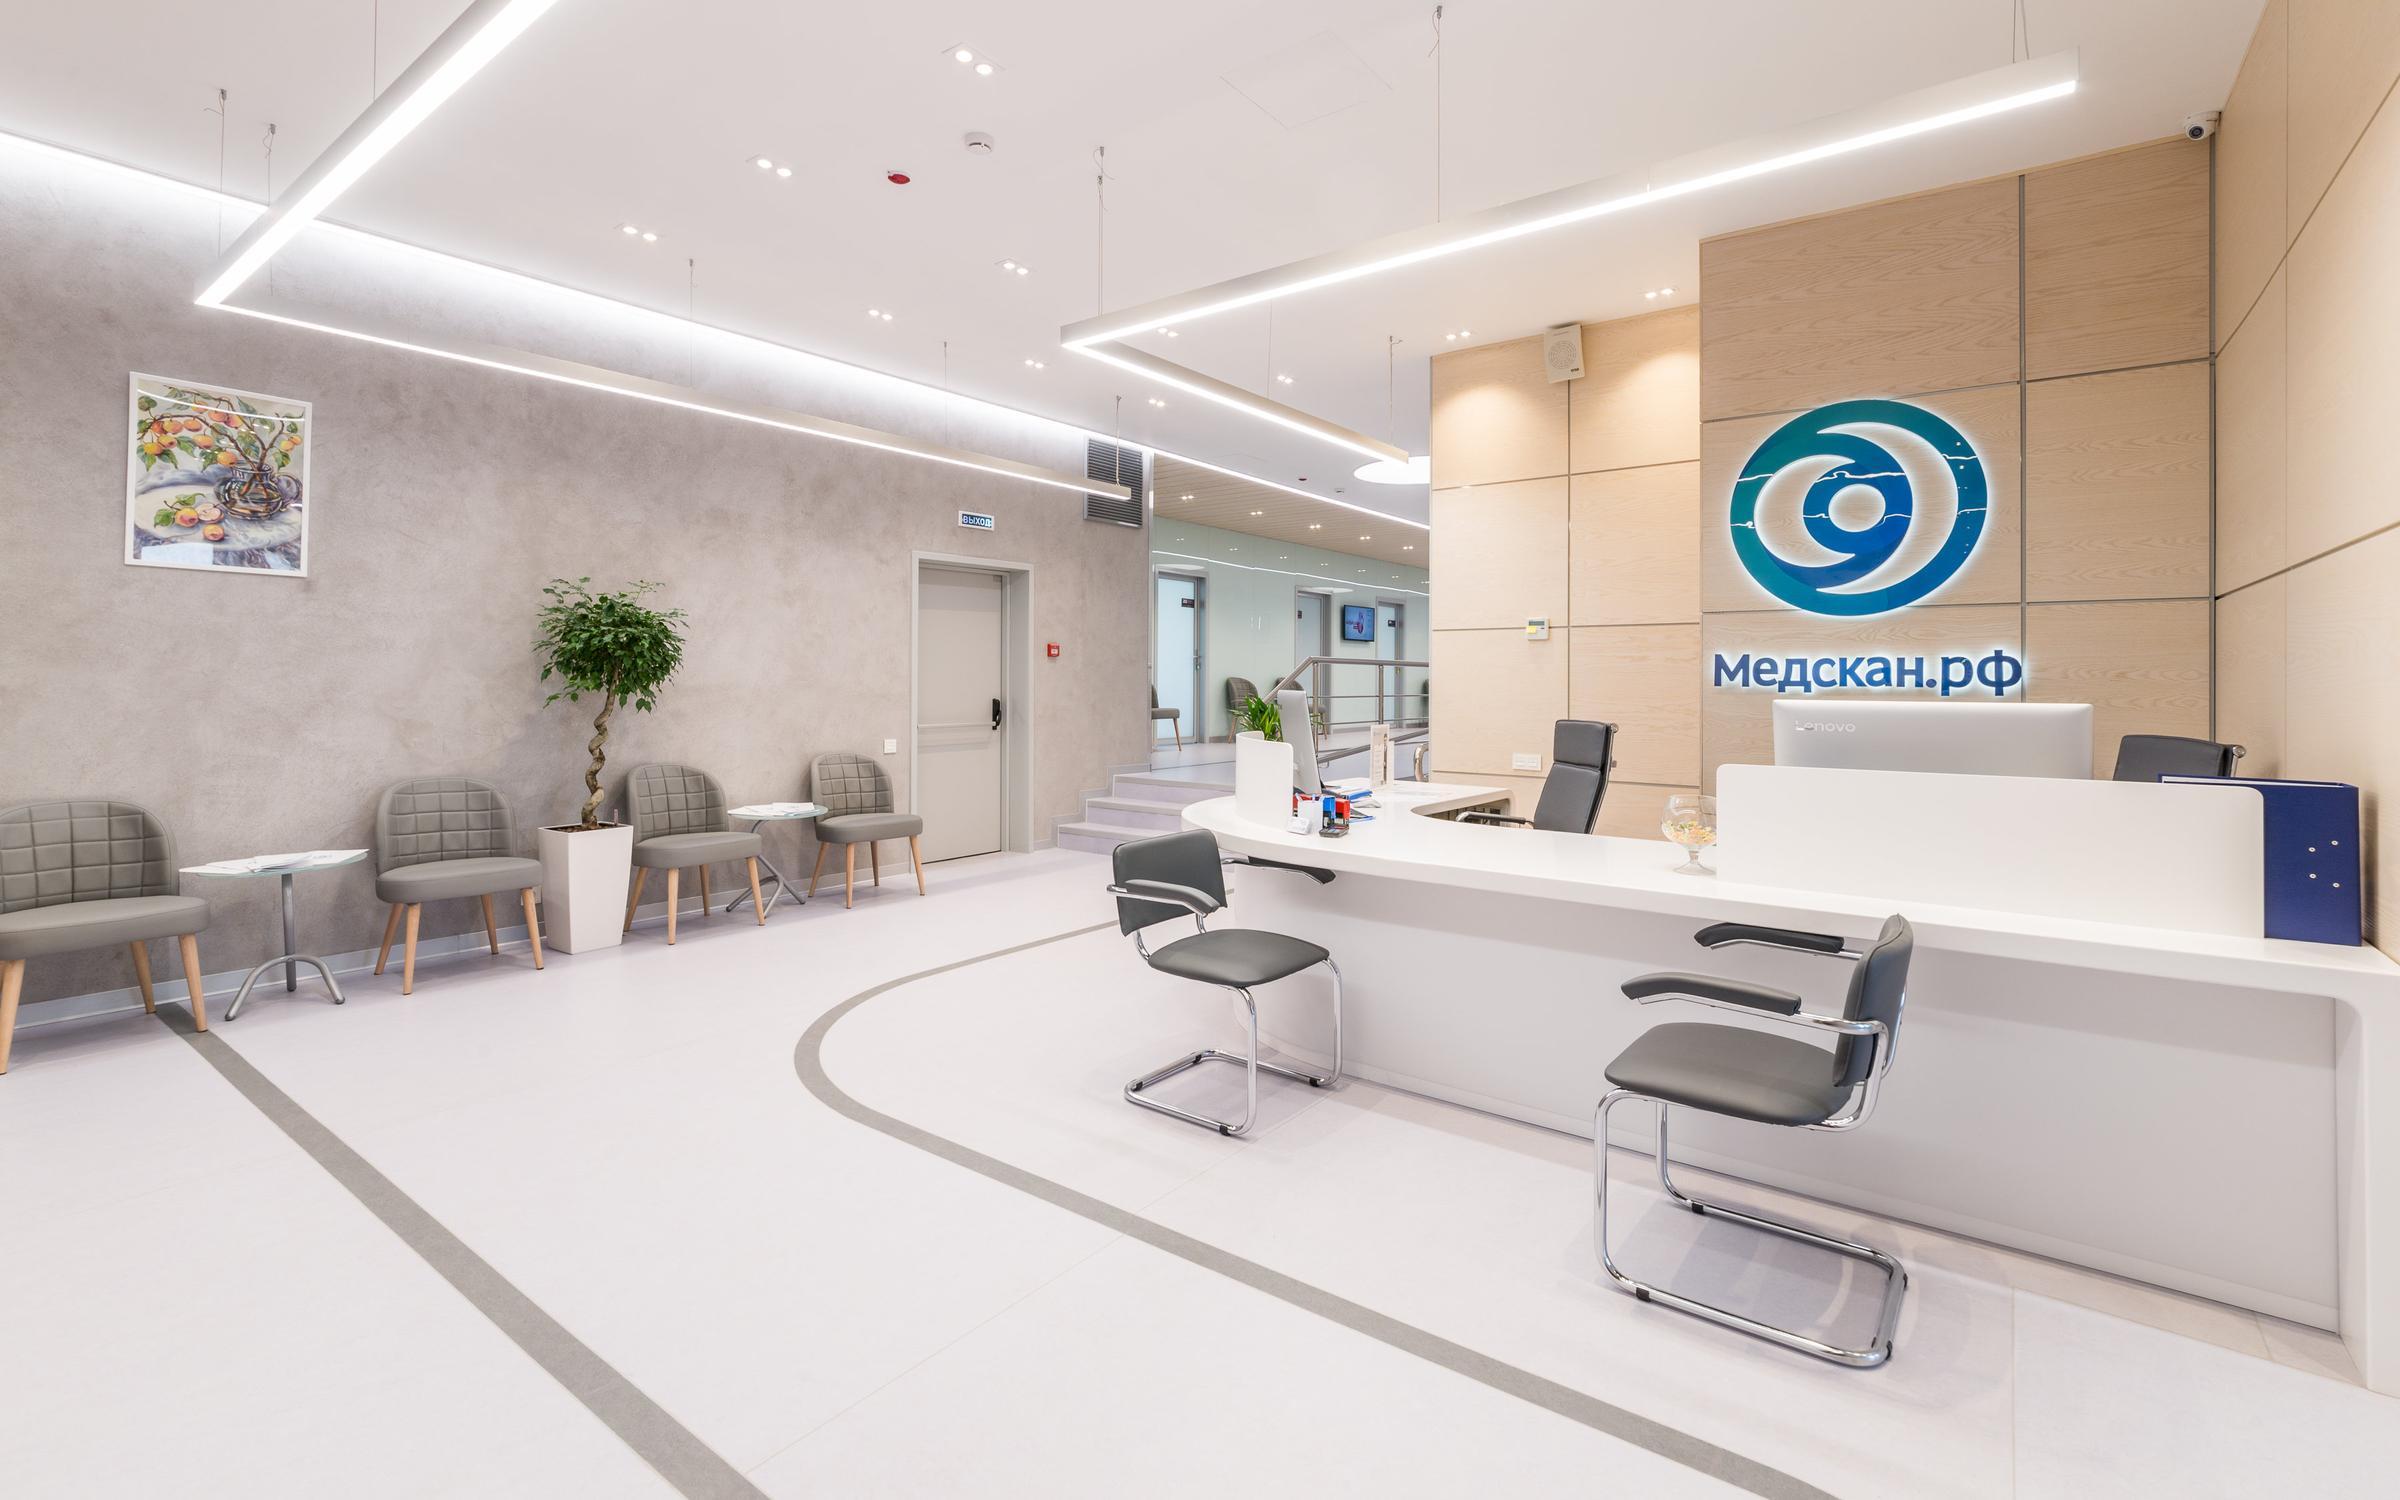 фотография Медицинского центра Медскан на улице Обручева